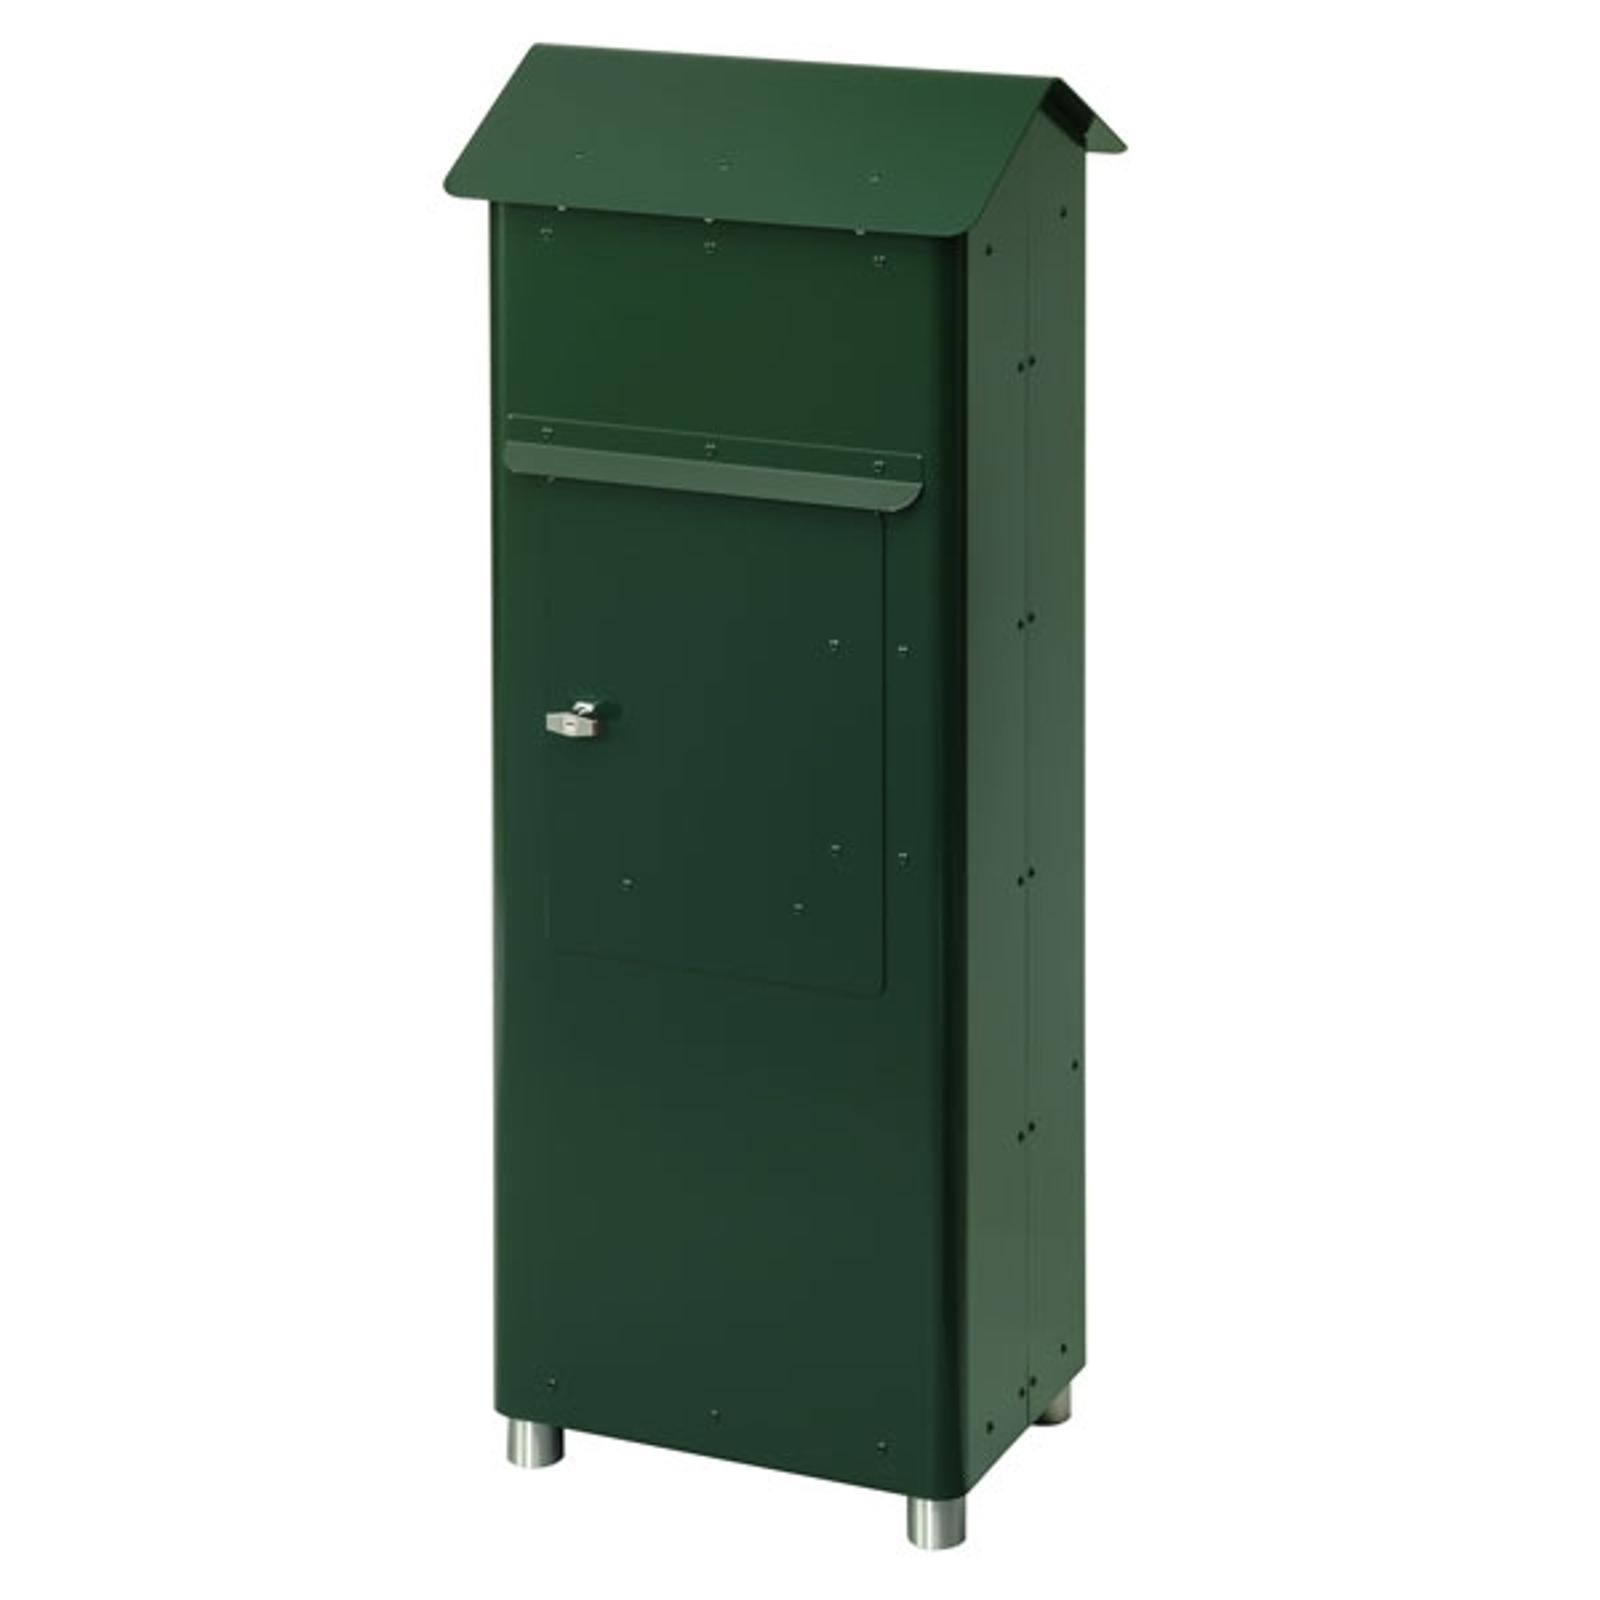 Briefkasten GRANDE SECURI 2 dunkelgrün